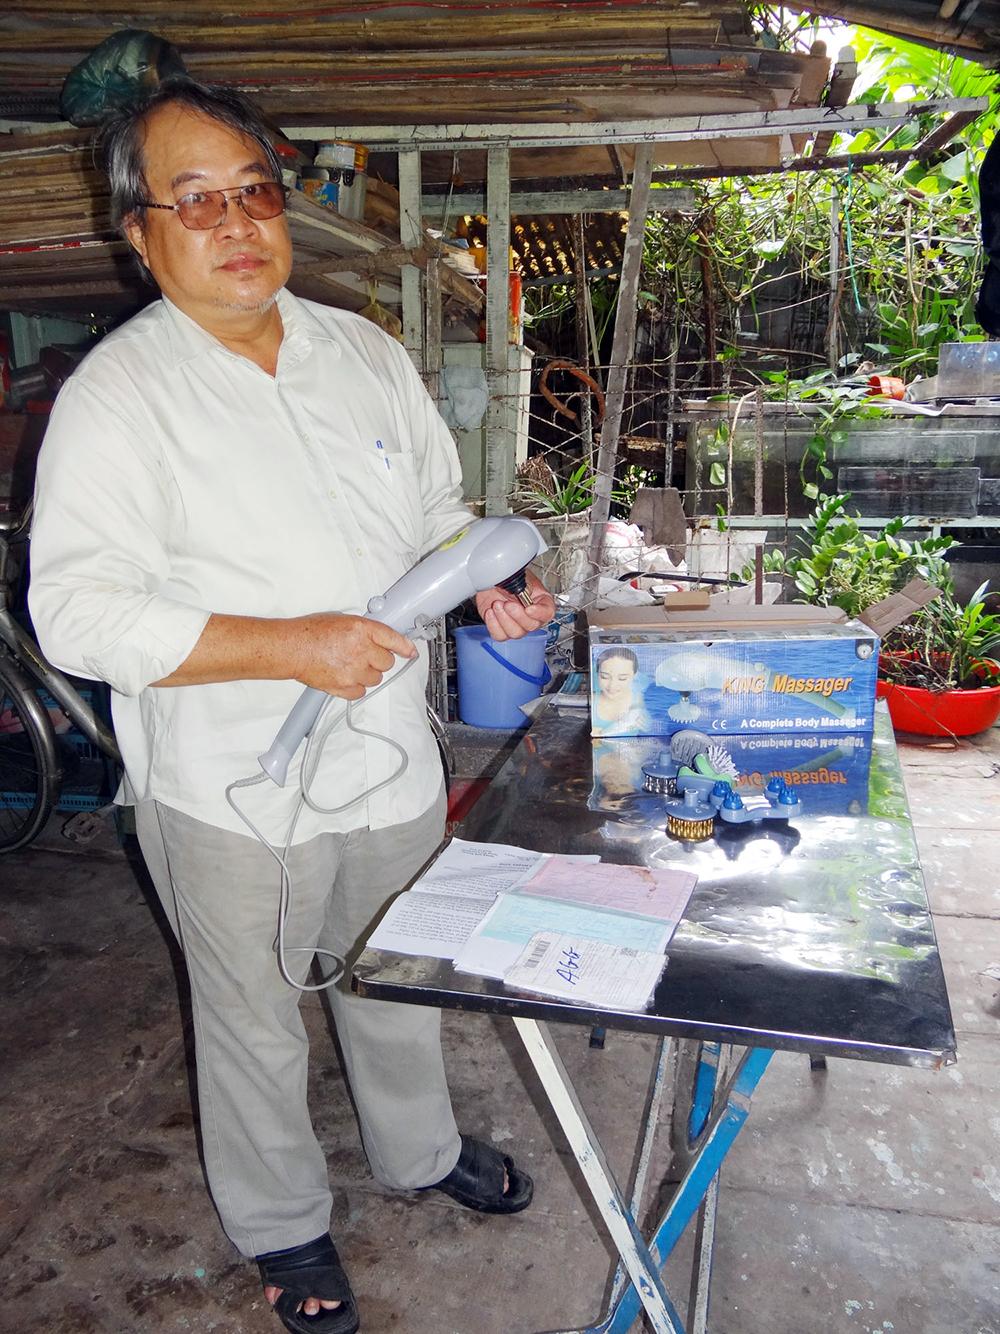 Ông Nguyễn Kim Long với món hàng bị vướng mua